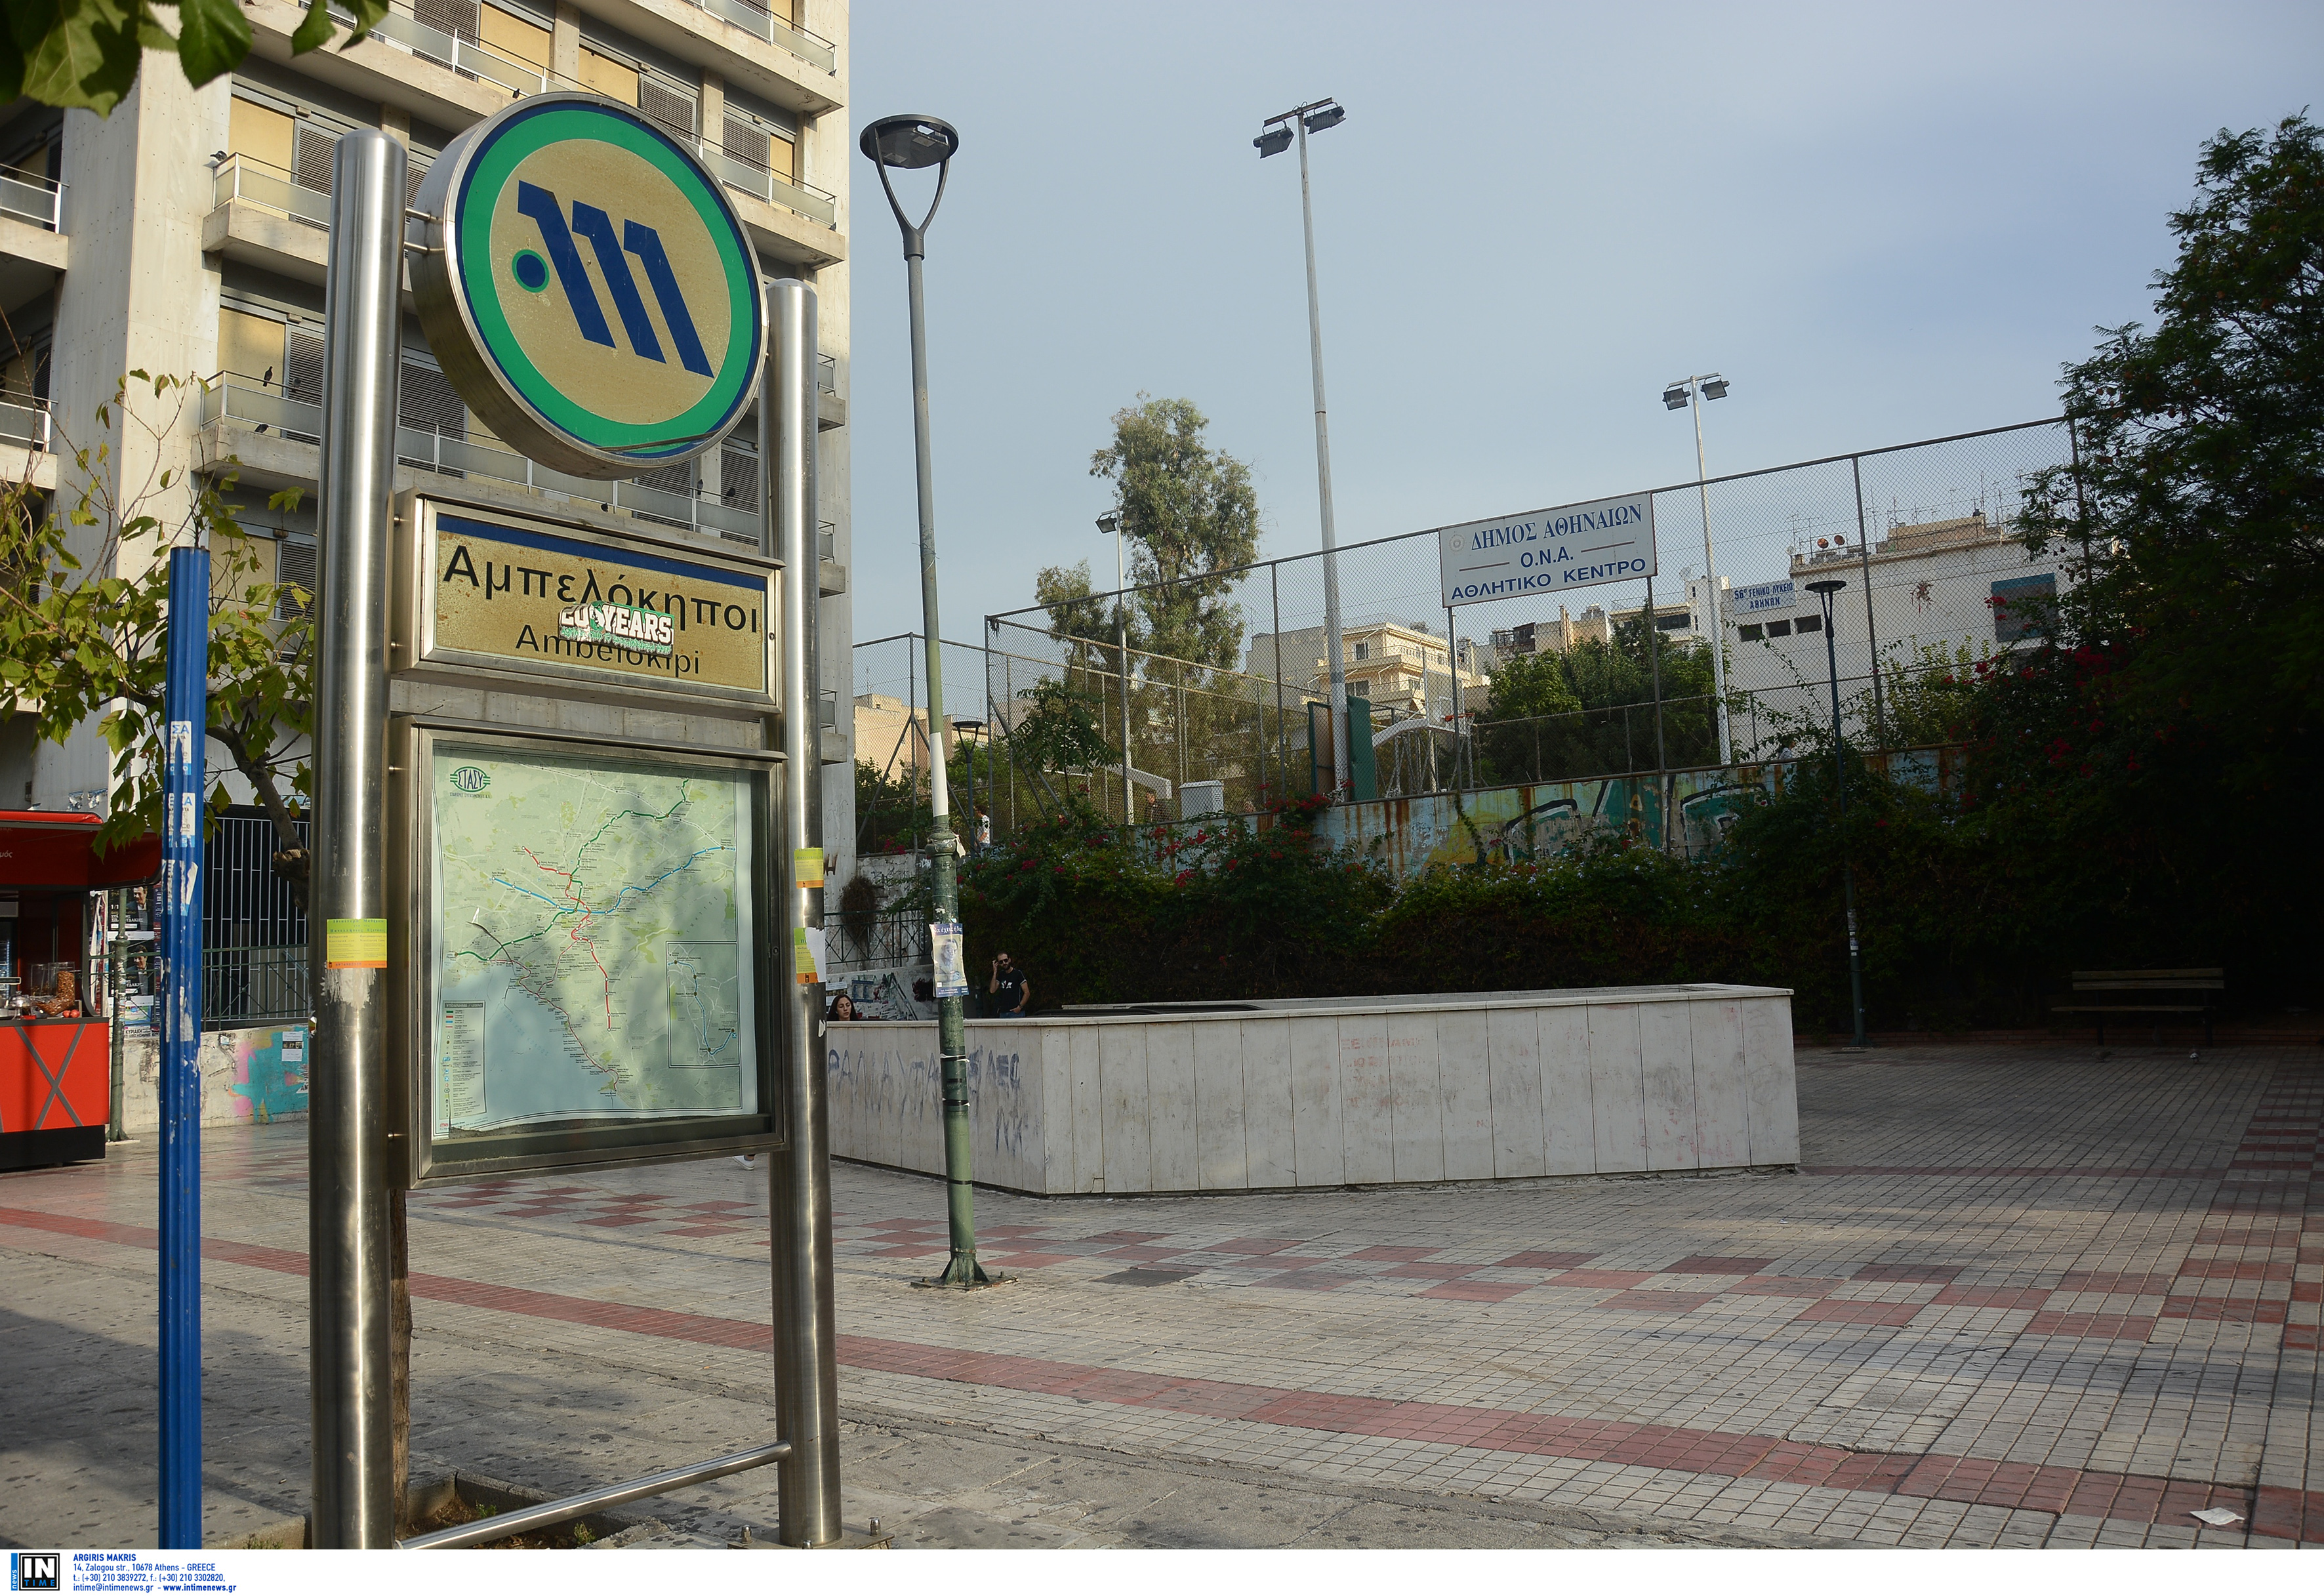 Απεργία 2 Οκτωβρίου: Αλλαγές στο πρόγραμμα των Μέσων Μαζικής Μεταφοράς! Ποιοι θα απεργήσουν και ποιοι θα κάνουν στάσεις εργασίας